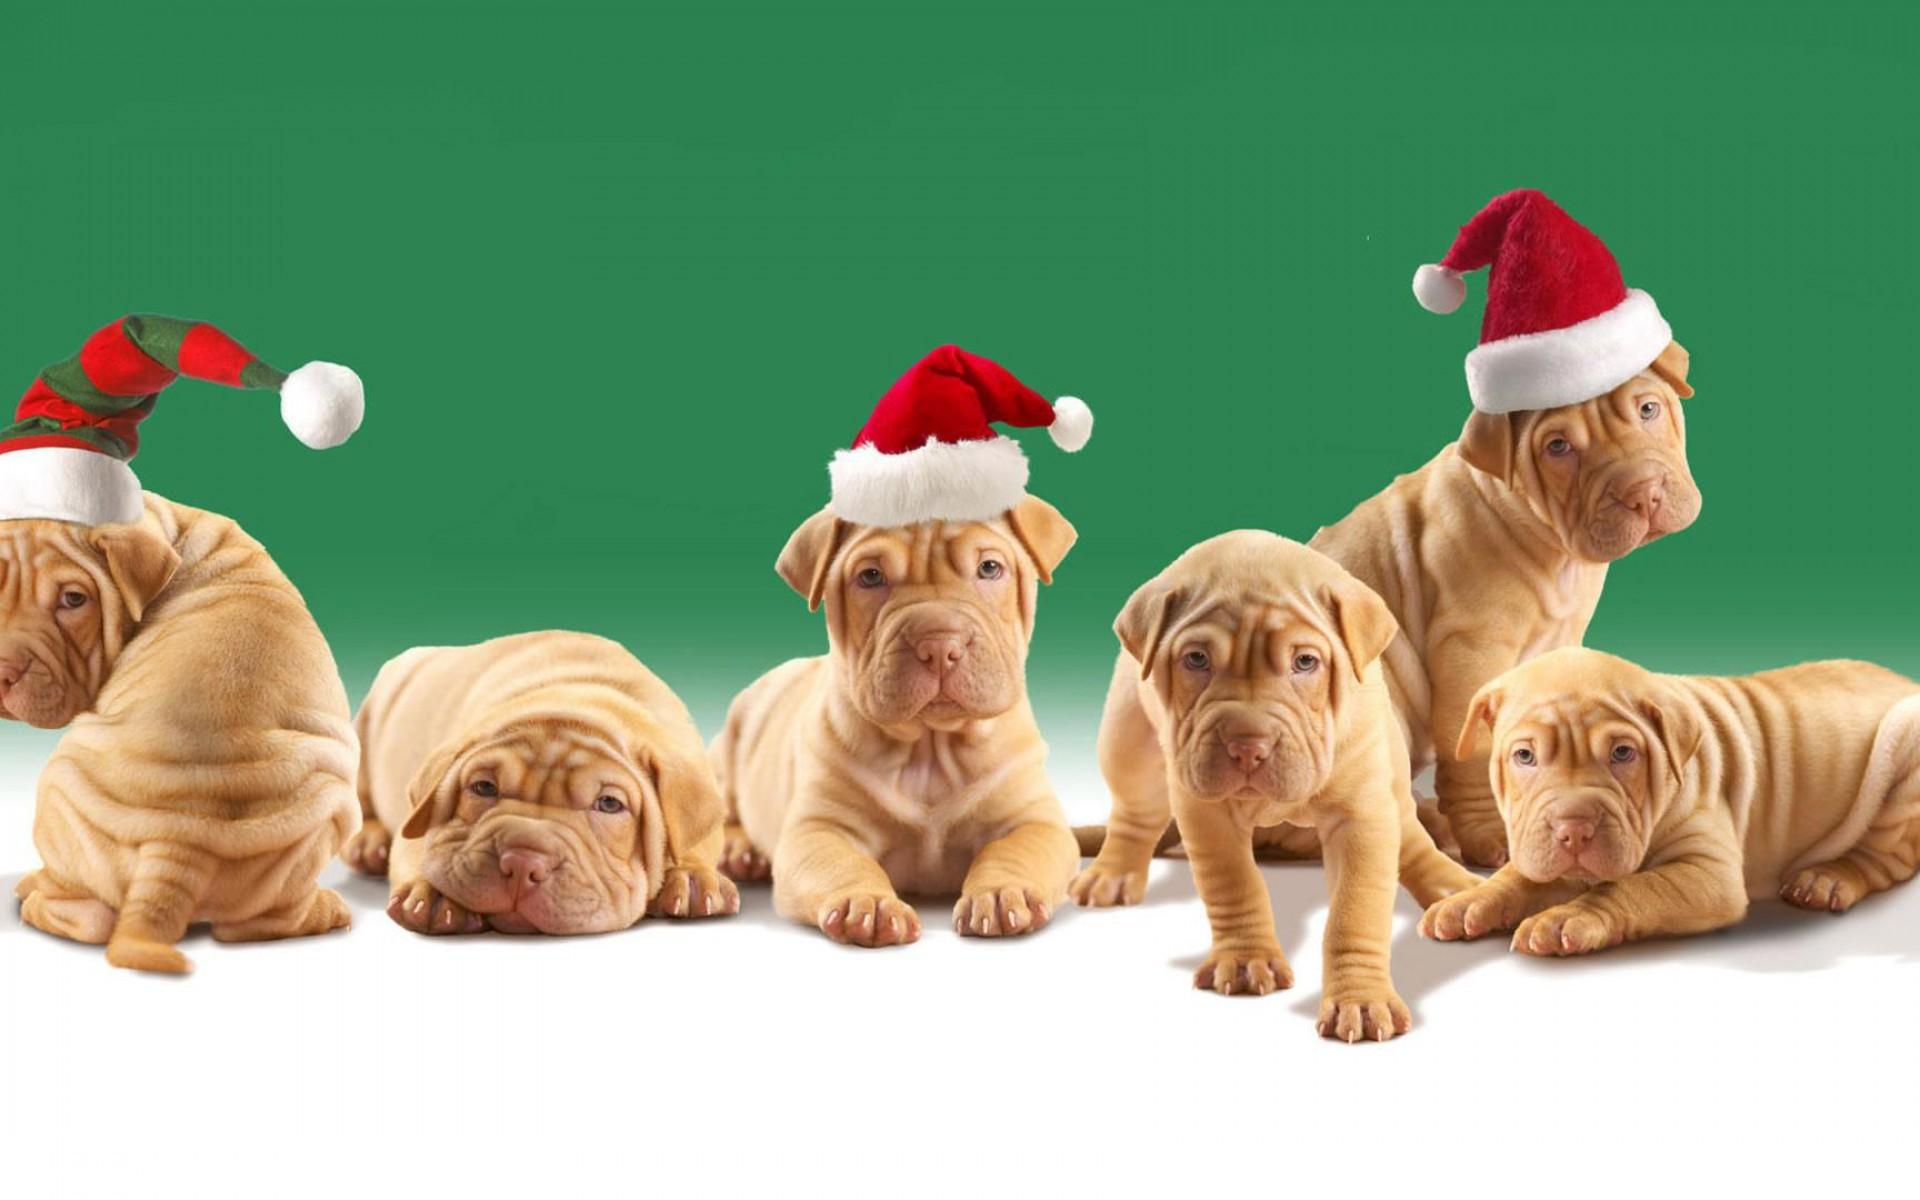 Christmas Puppy Desktop Wallpaper | wallpaper, wallpaper hd .